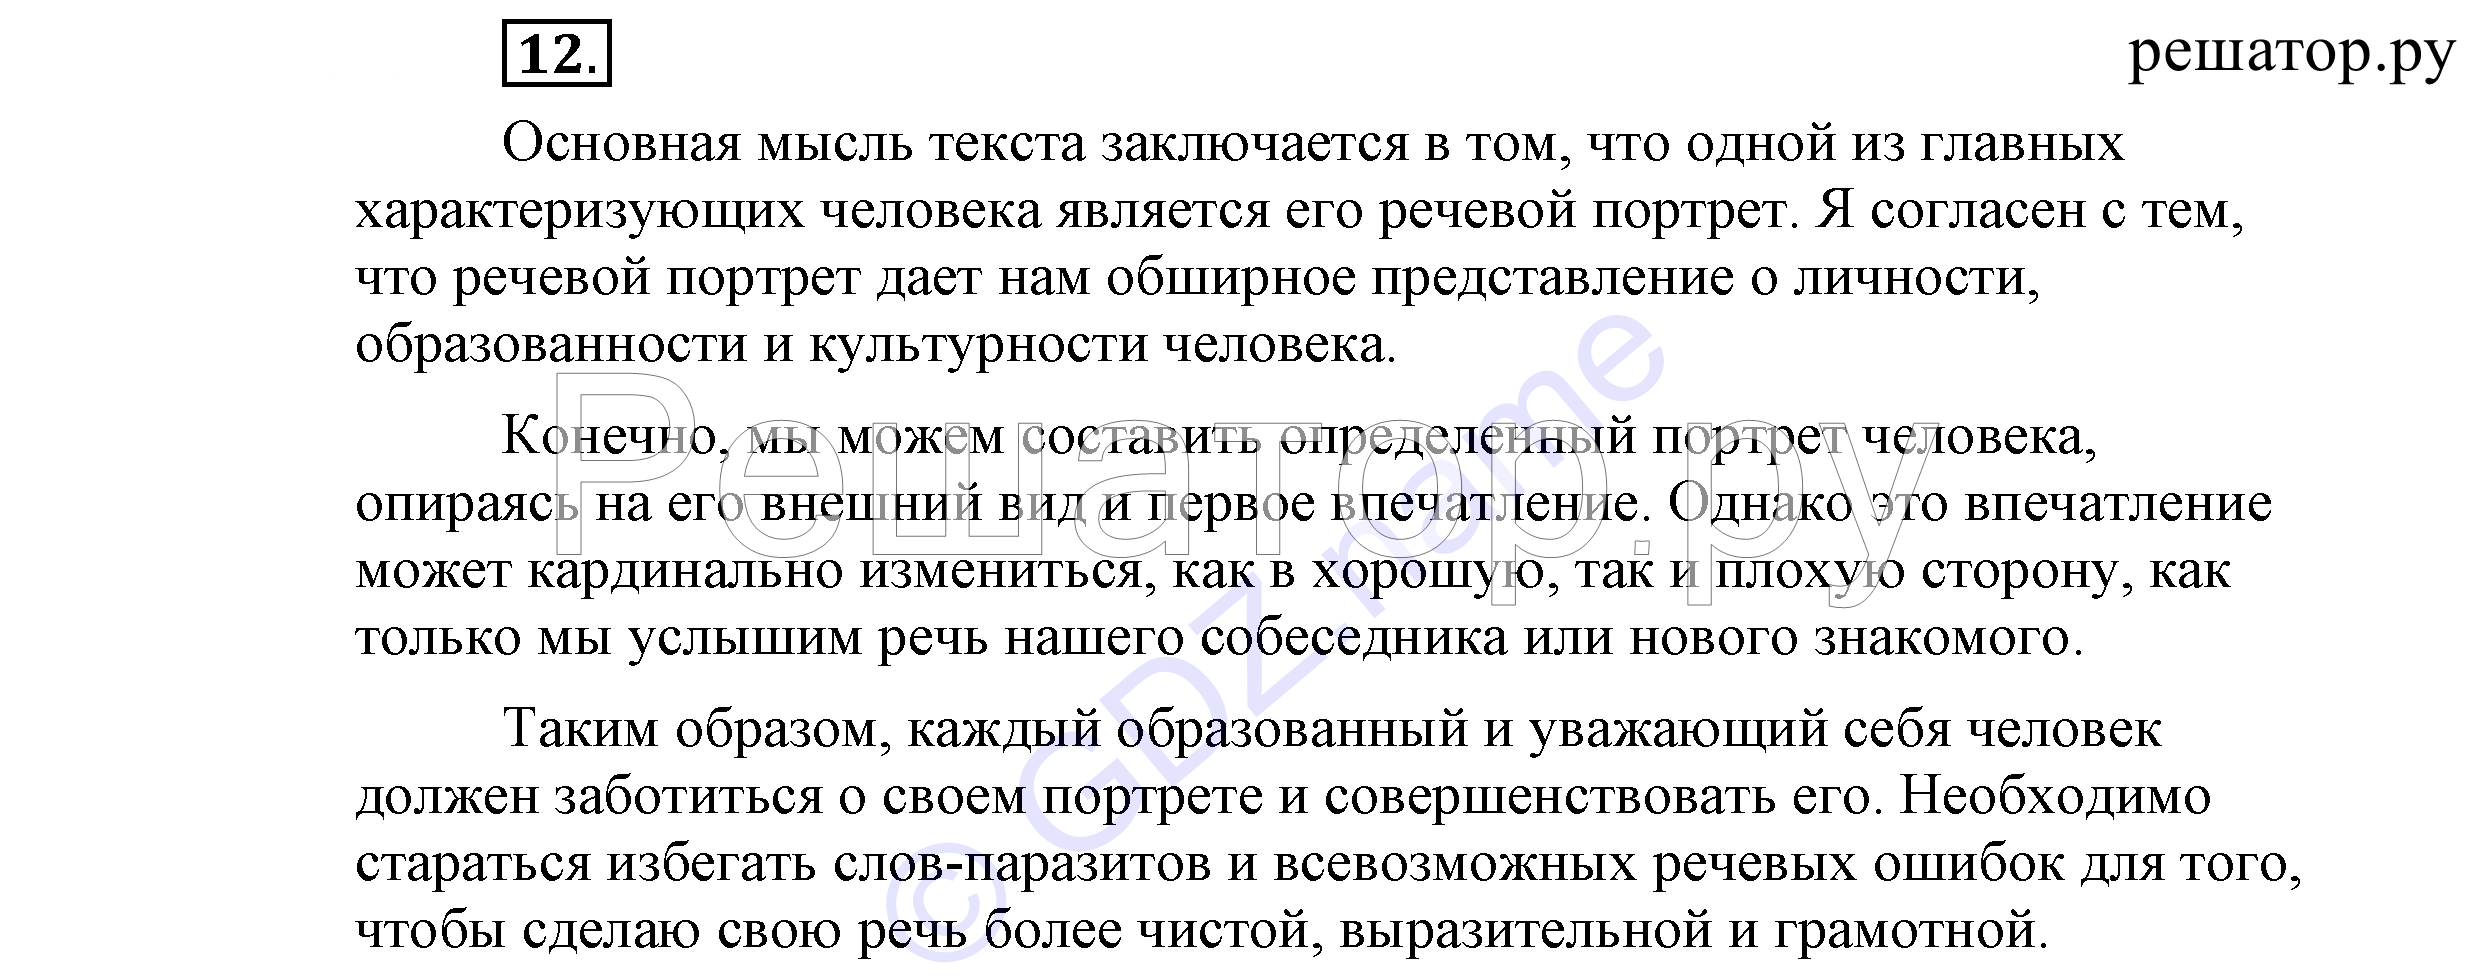 Спишу.ру по русскому языку 5 класс 2018 год львов и львова